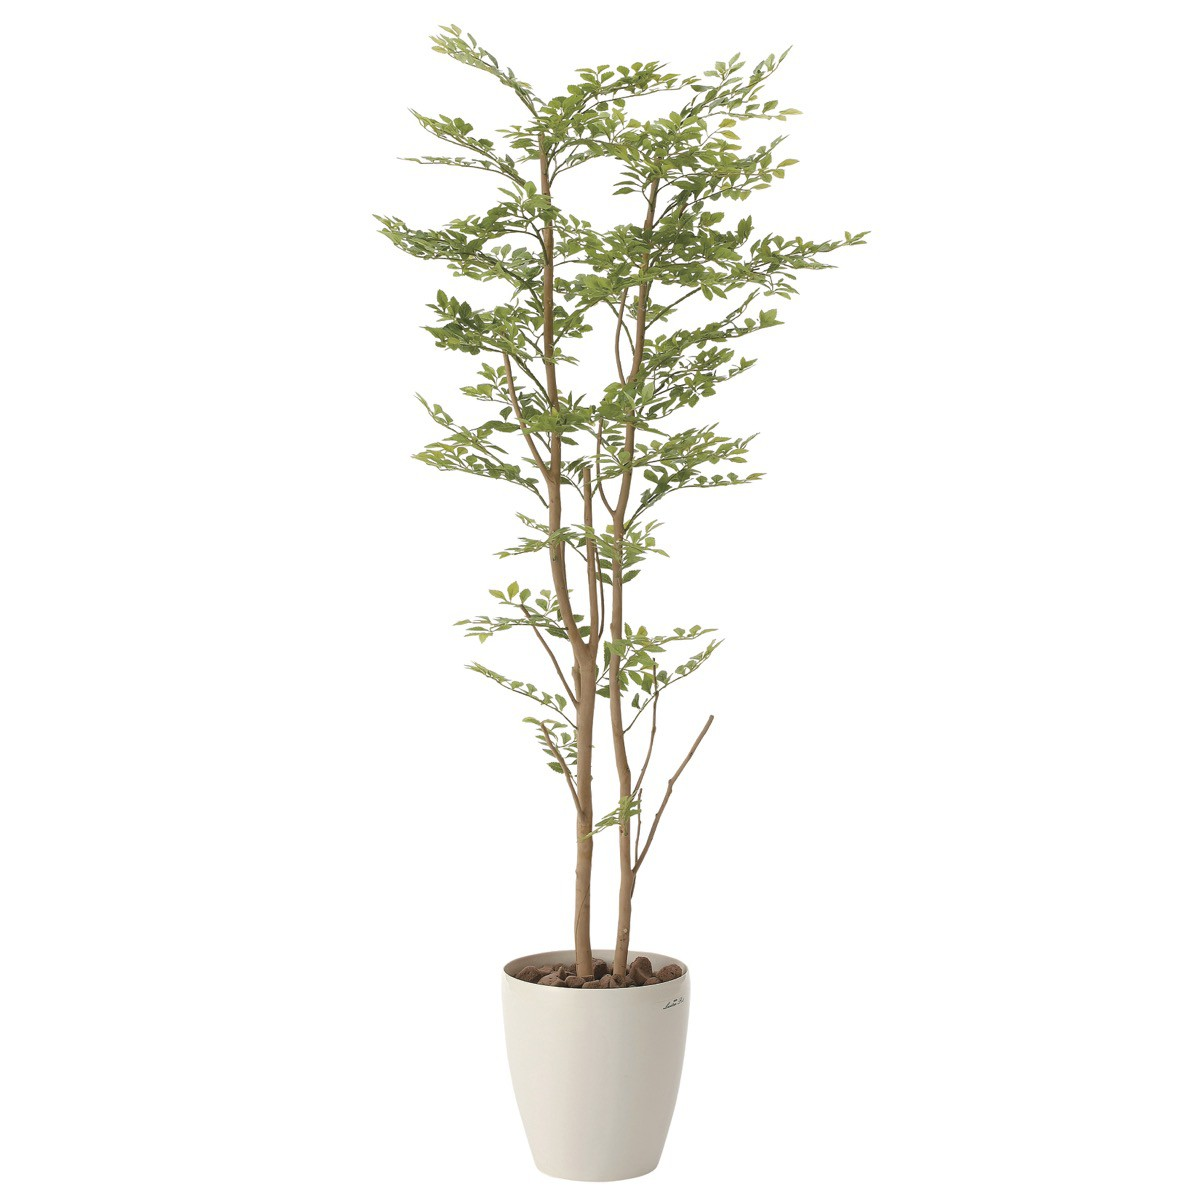 人工観葉植物 フェイクグリーン 観葉植物 造花 ゴ-ルデンリ-フ 160cm 鉢植 光触媒 インテリア おしゃれ フェイク グリーン